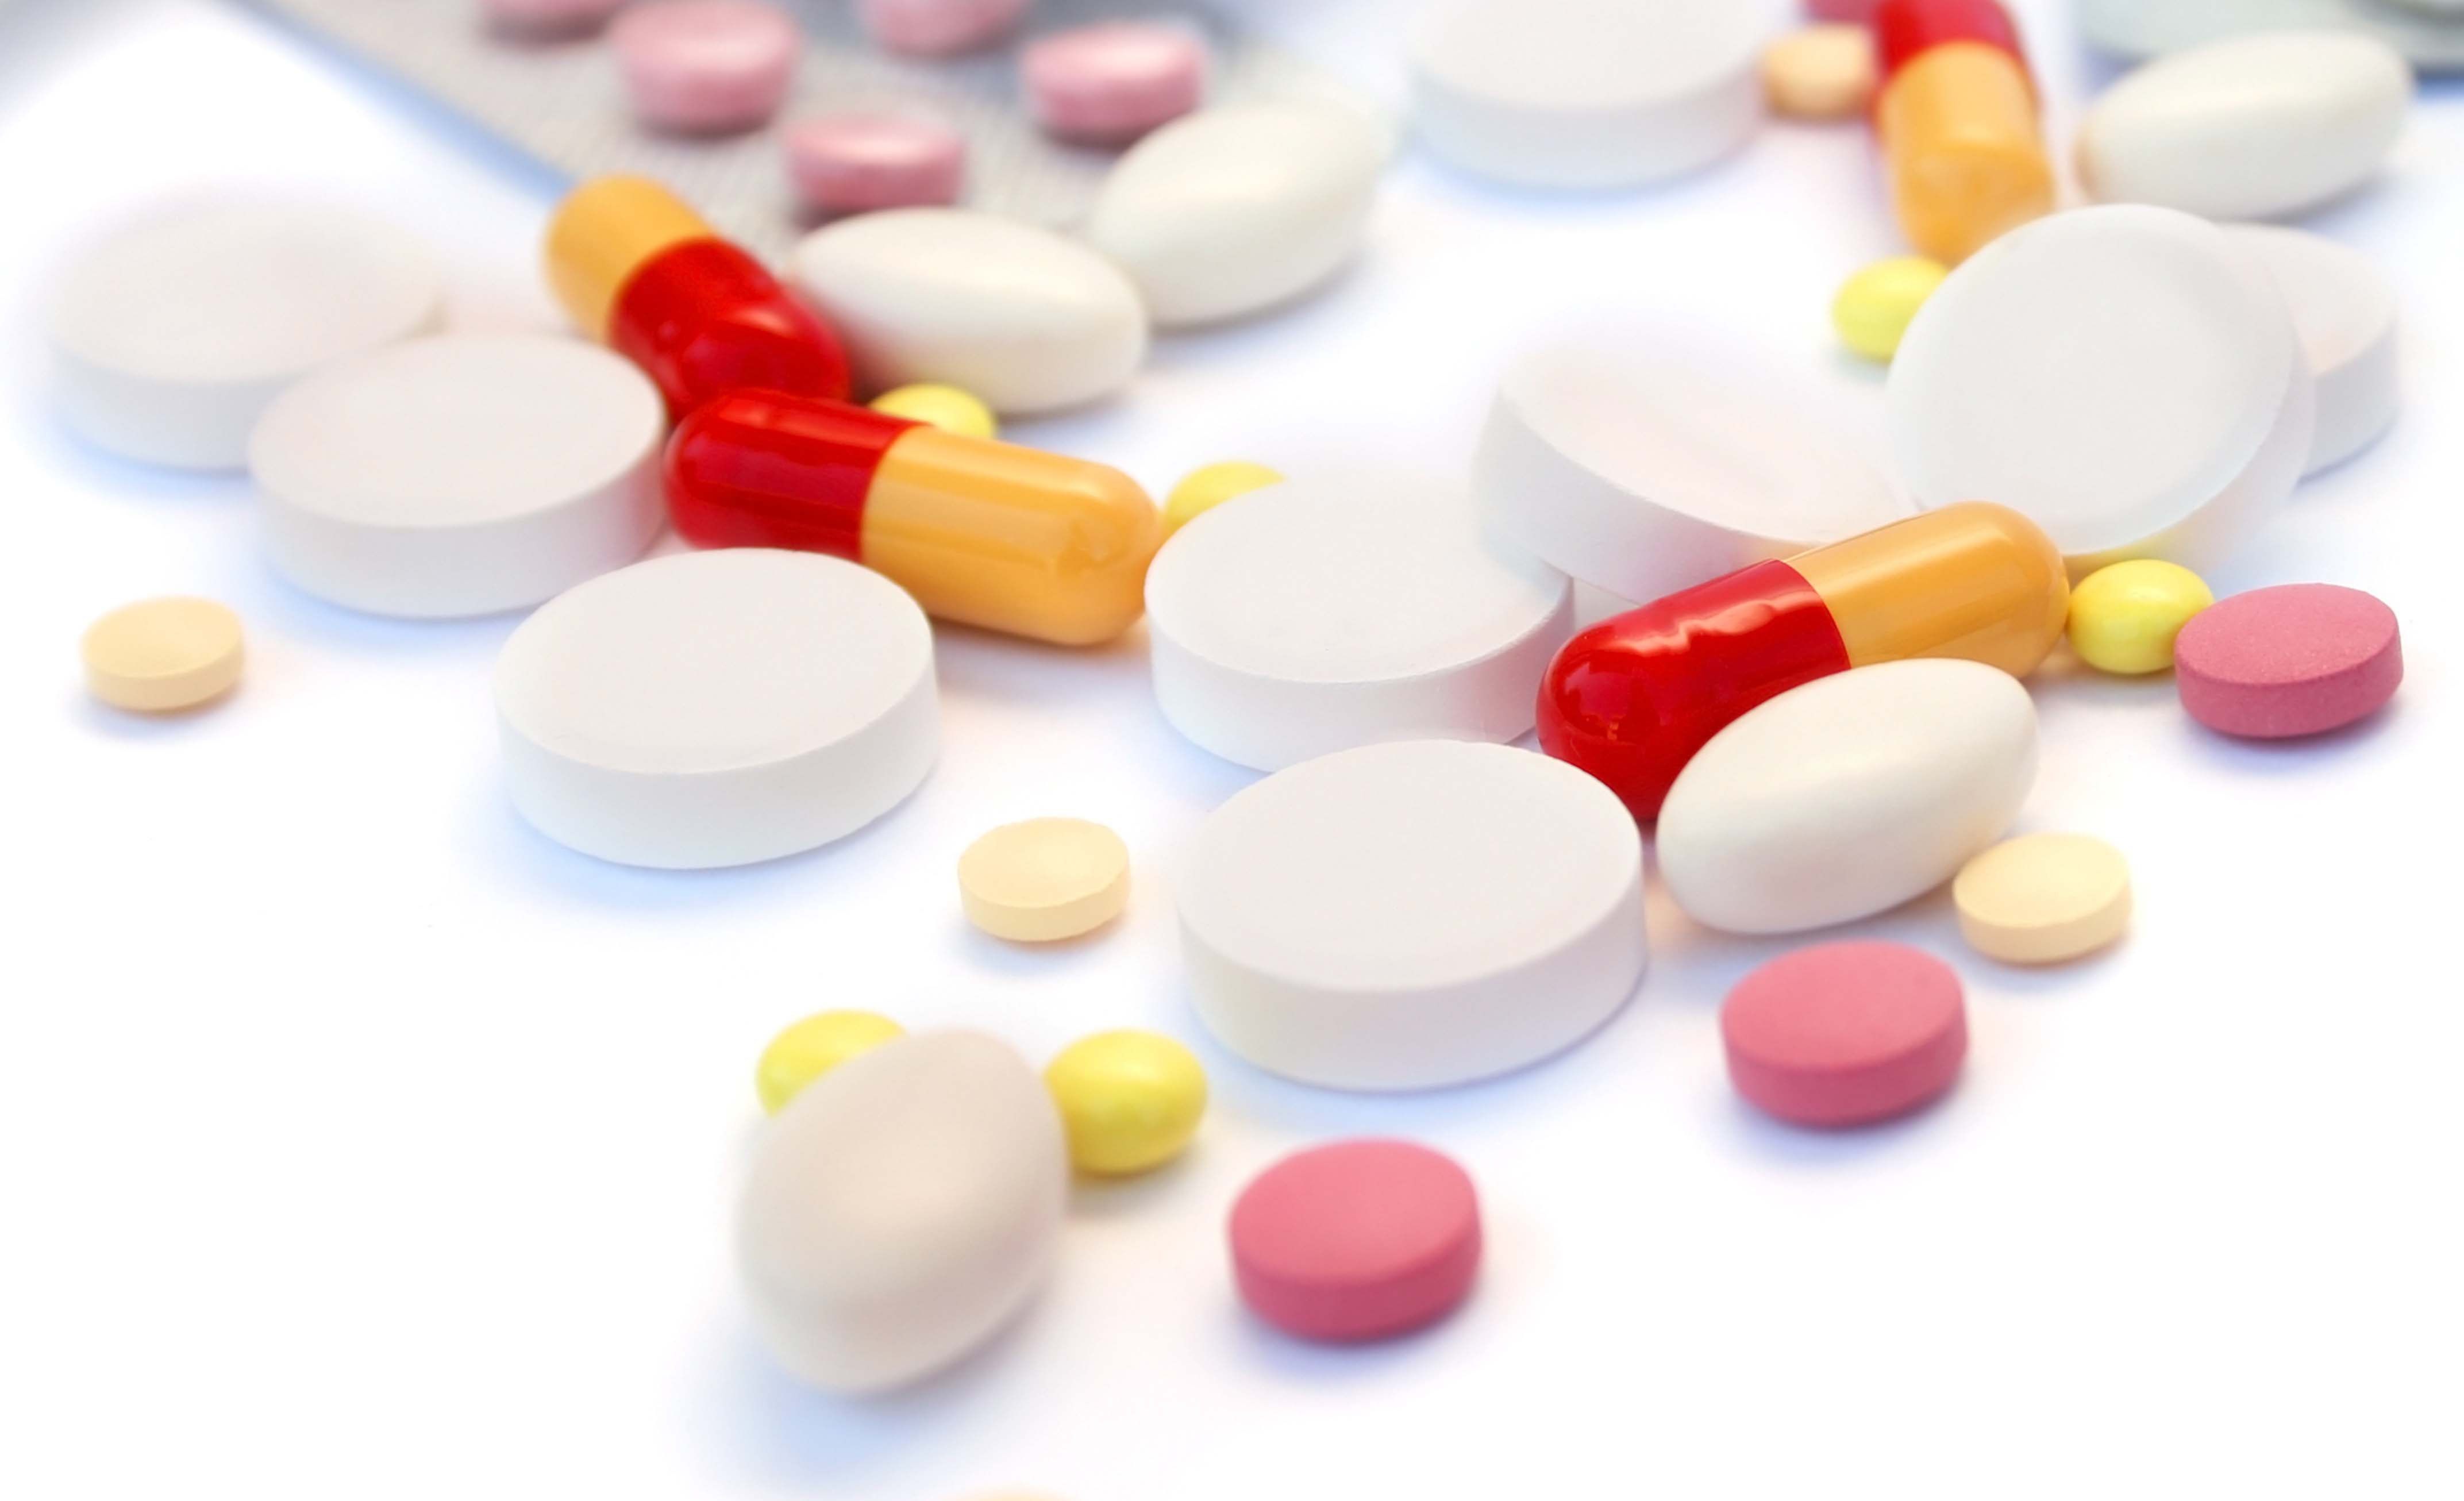 medicament poudre ligne industrielle automatique palamatic